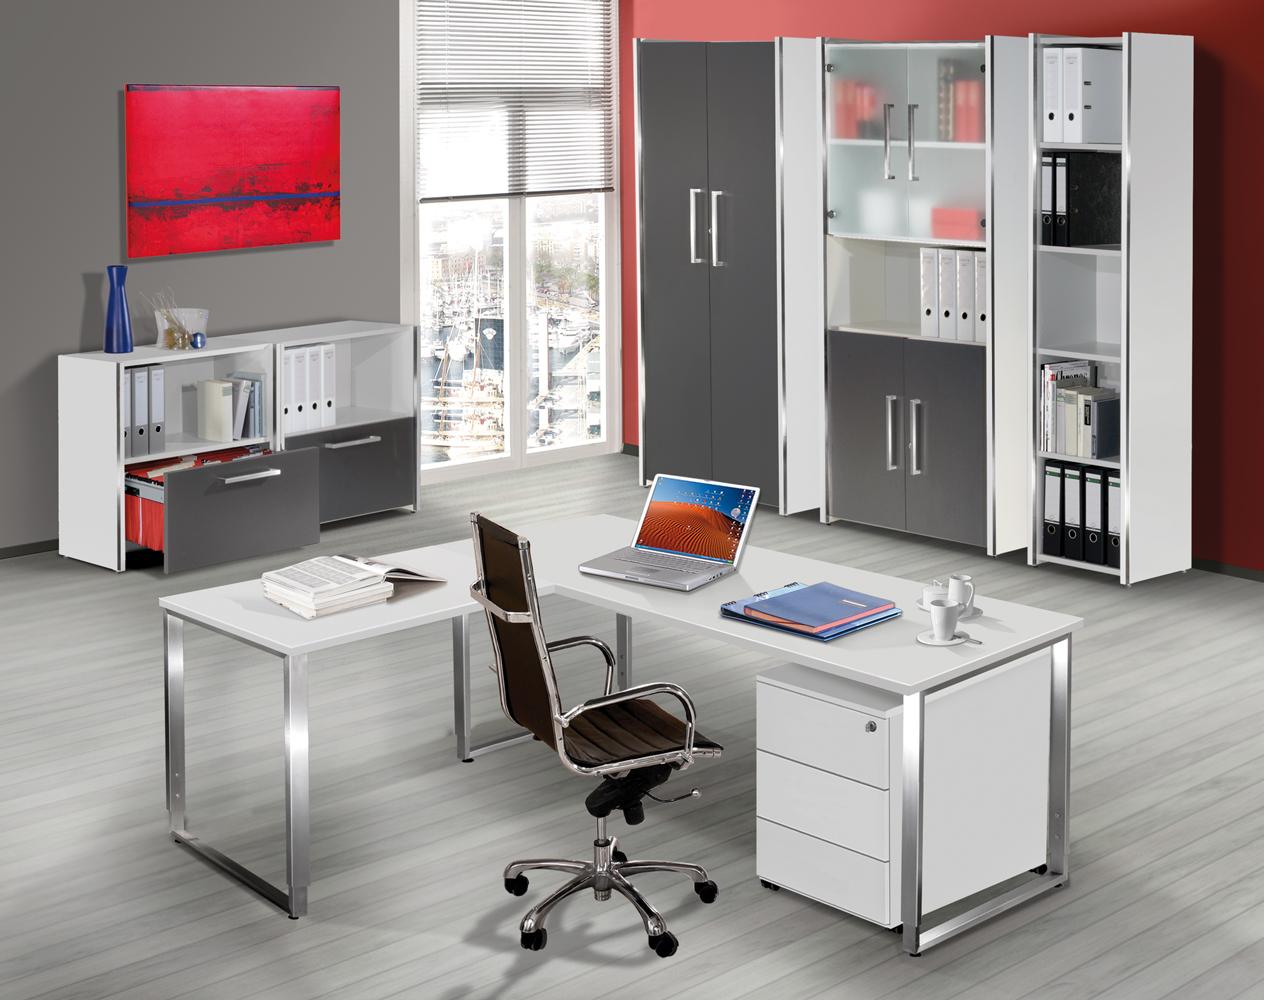 AVETO-Edelstahl | Büromöbel Serien | 123bueromoebel.de | Büromöbel ...